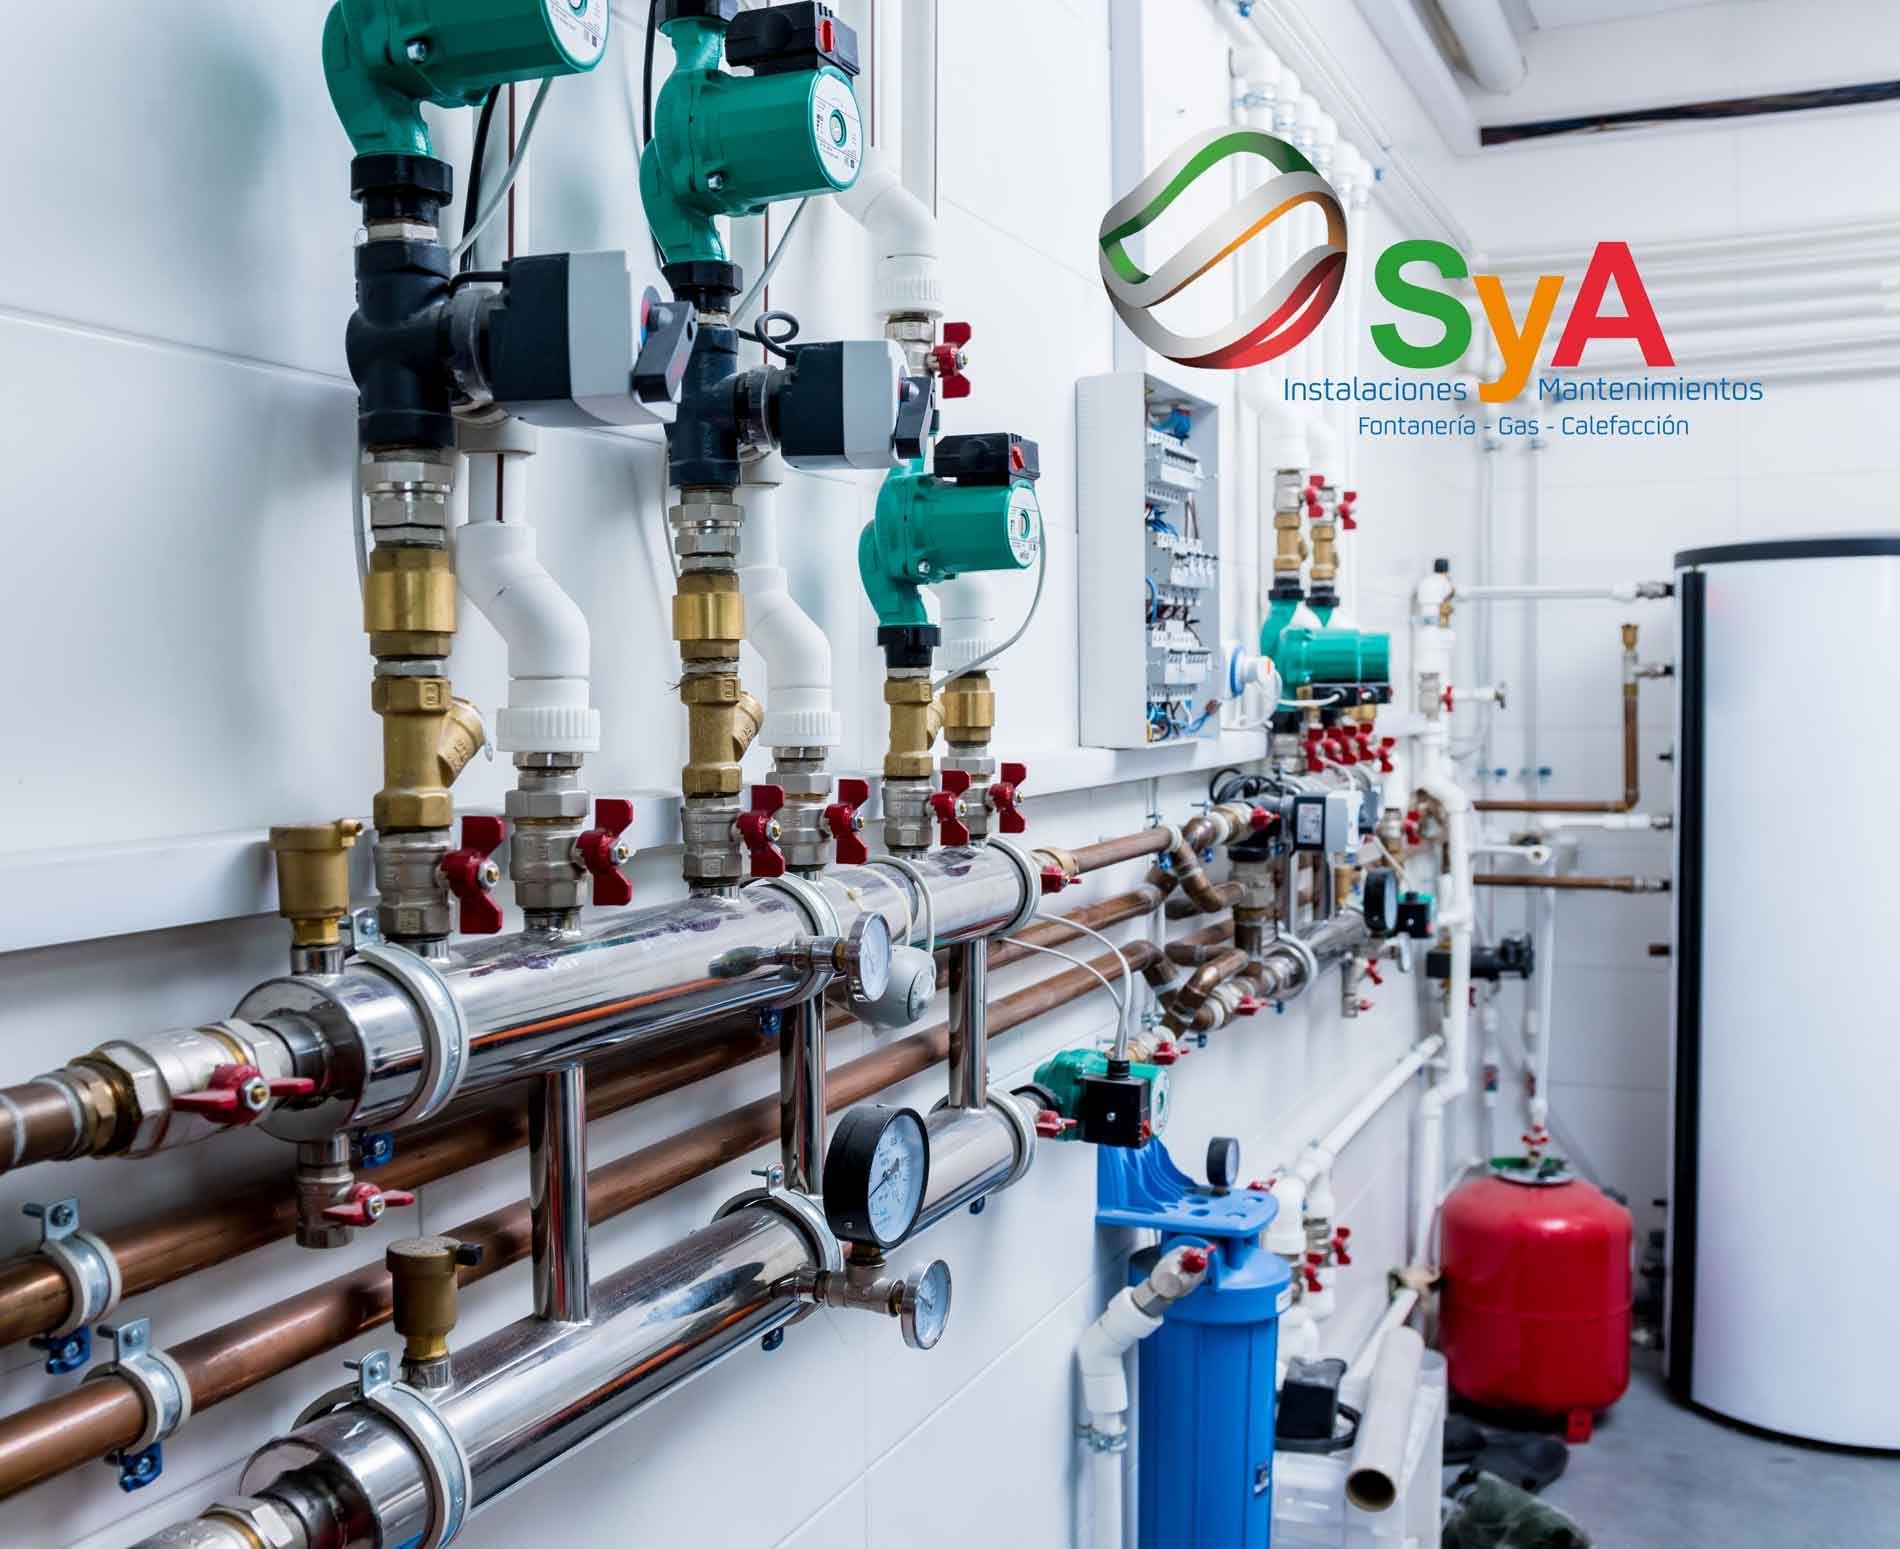 SYA Instalaciones se convierte en referente de la distribución y comercialización del gas